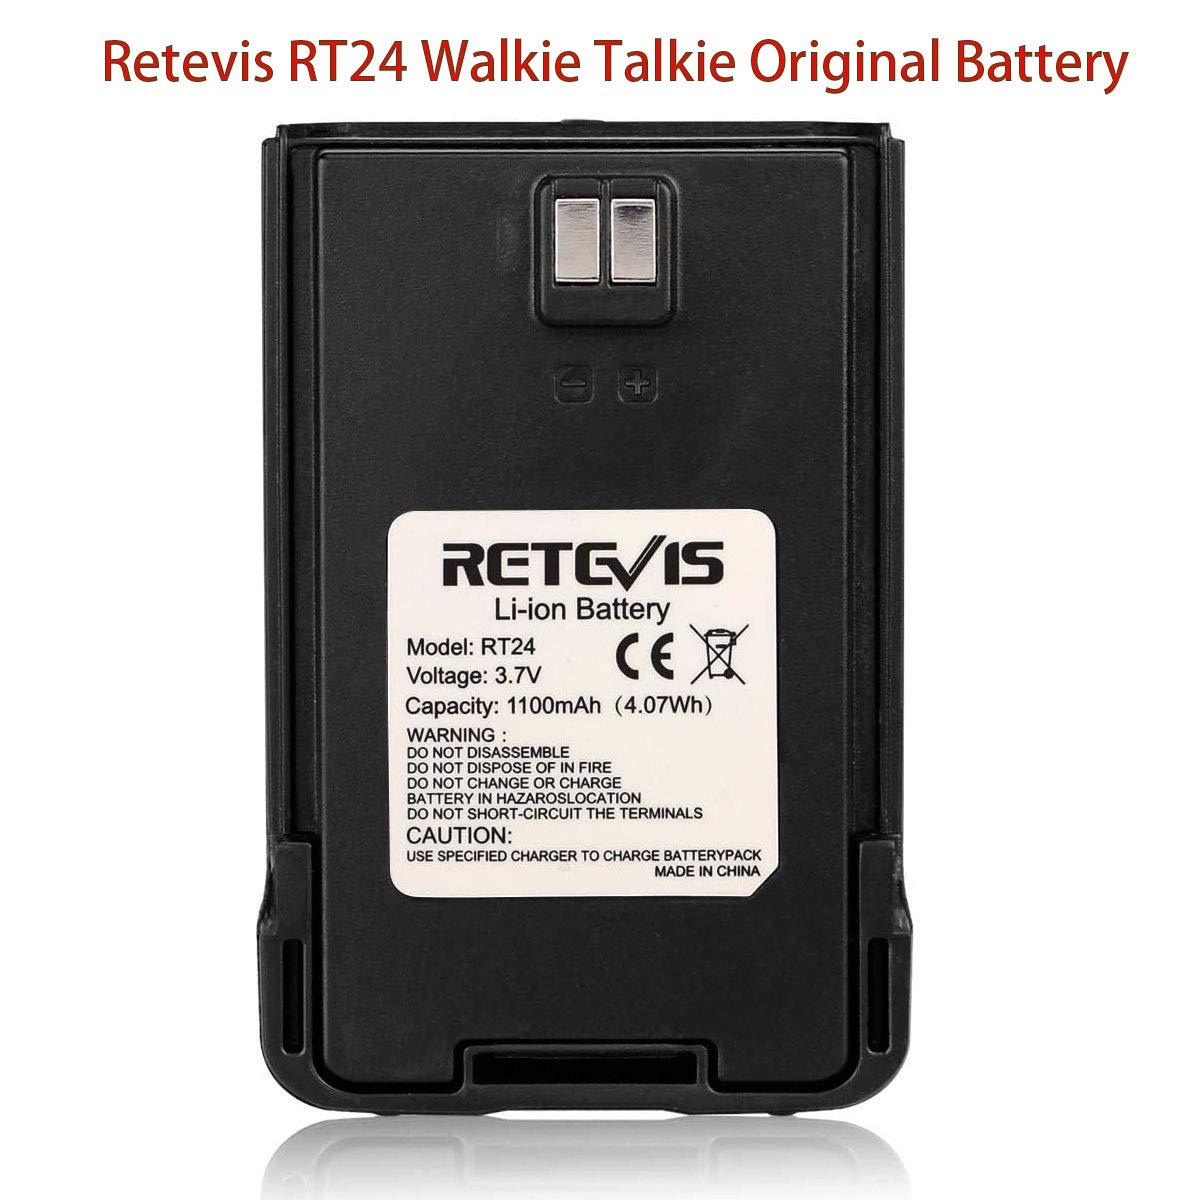 1 Pieza Retevis BL45 Walkie Talkie Bater/ía Recargables de Iones de Litio de 3.7V 1000mAh Compatible con Retevis RT628 RT45 RT46 Walkie Talkies